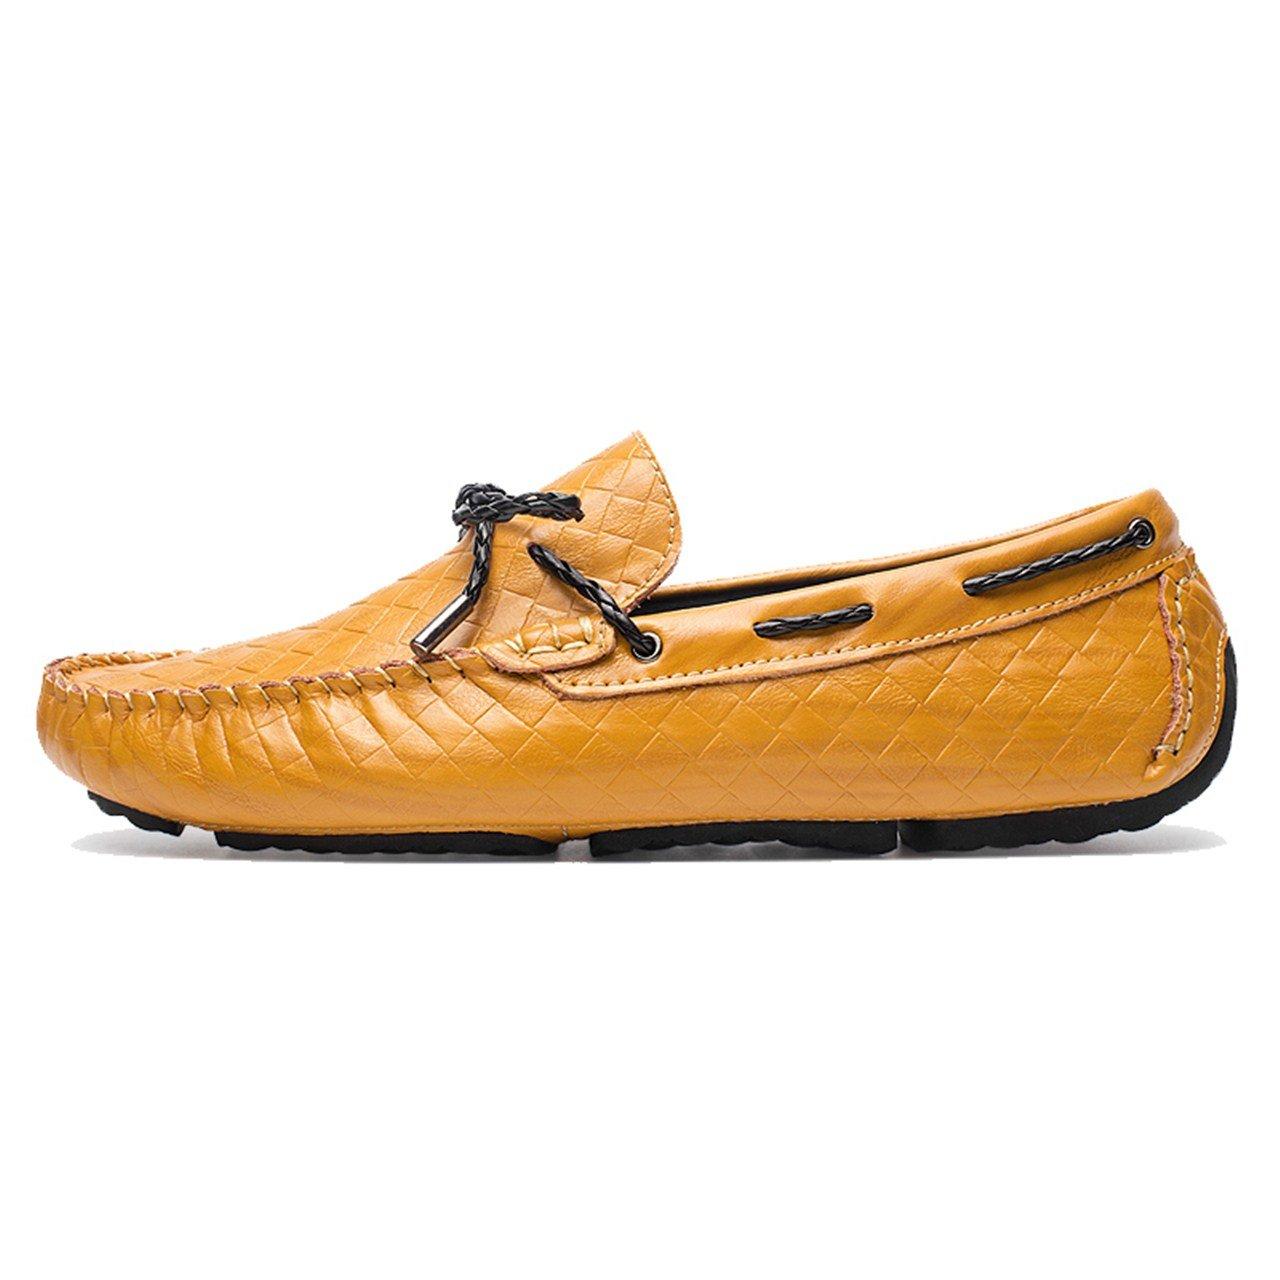 TRULAND Mocasines con Lazo en Cuero con Efecto Entretejido para Hombres: Amazon.es: Zapatos y complementos